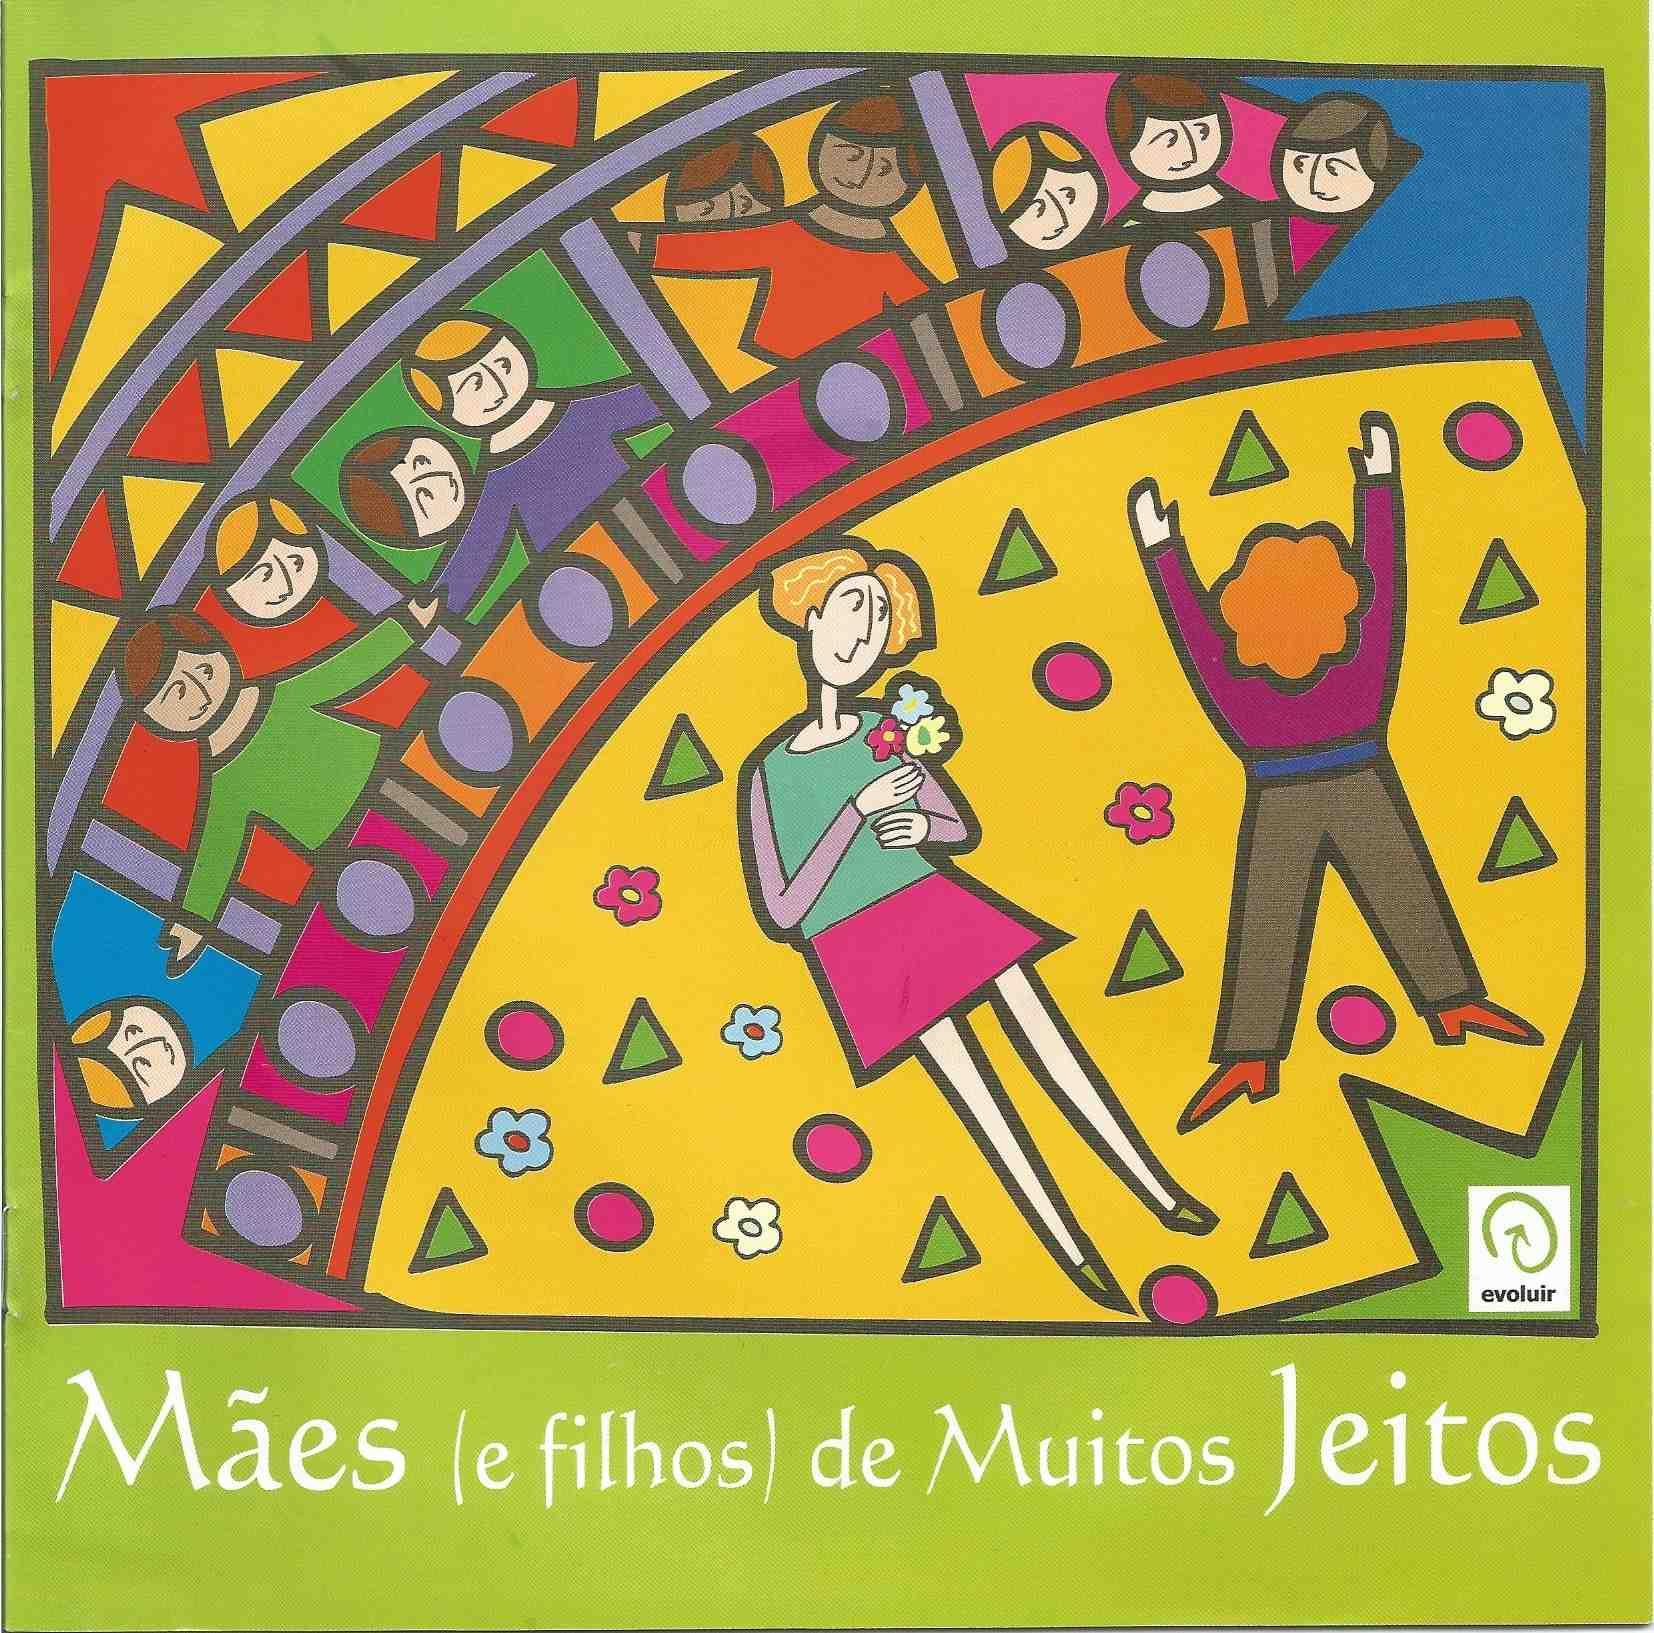 Mães (e filhos) de Muitos Jeitos, da autora Beatriz Monteiro.